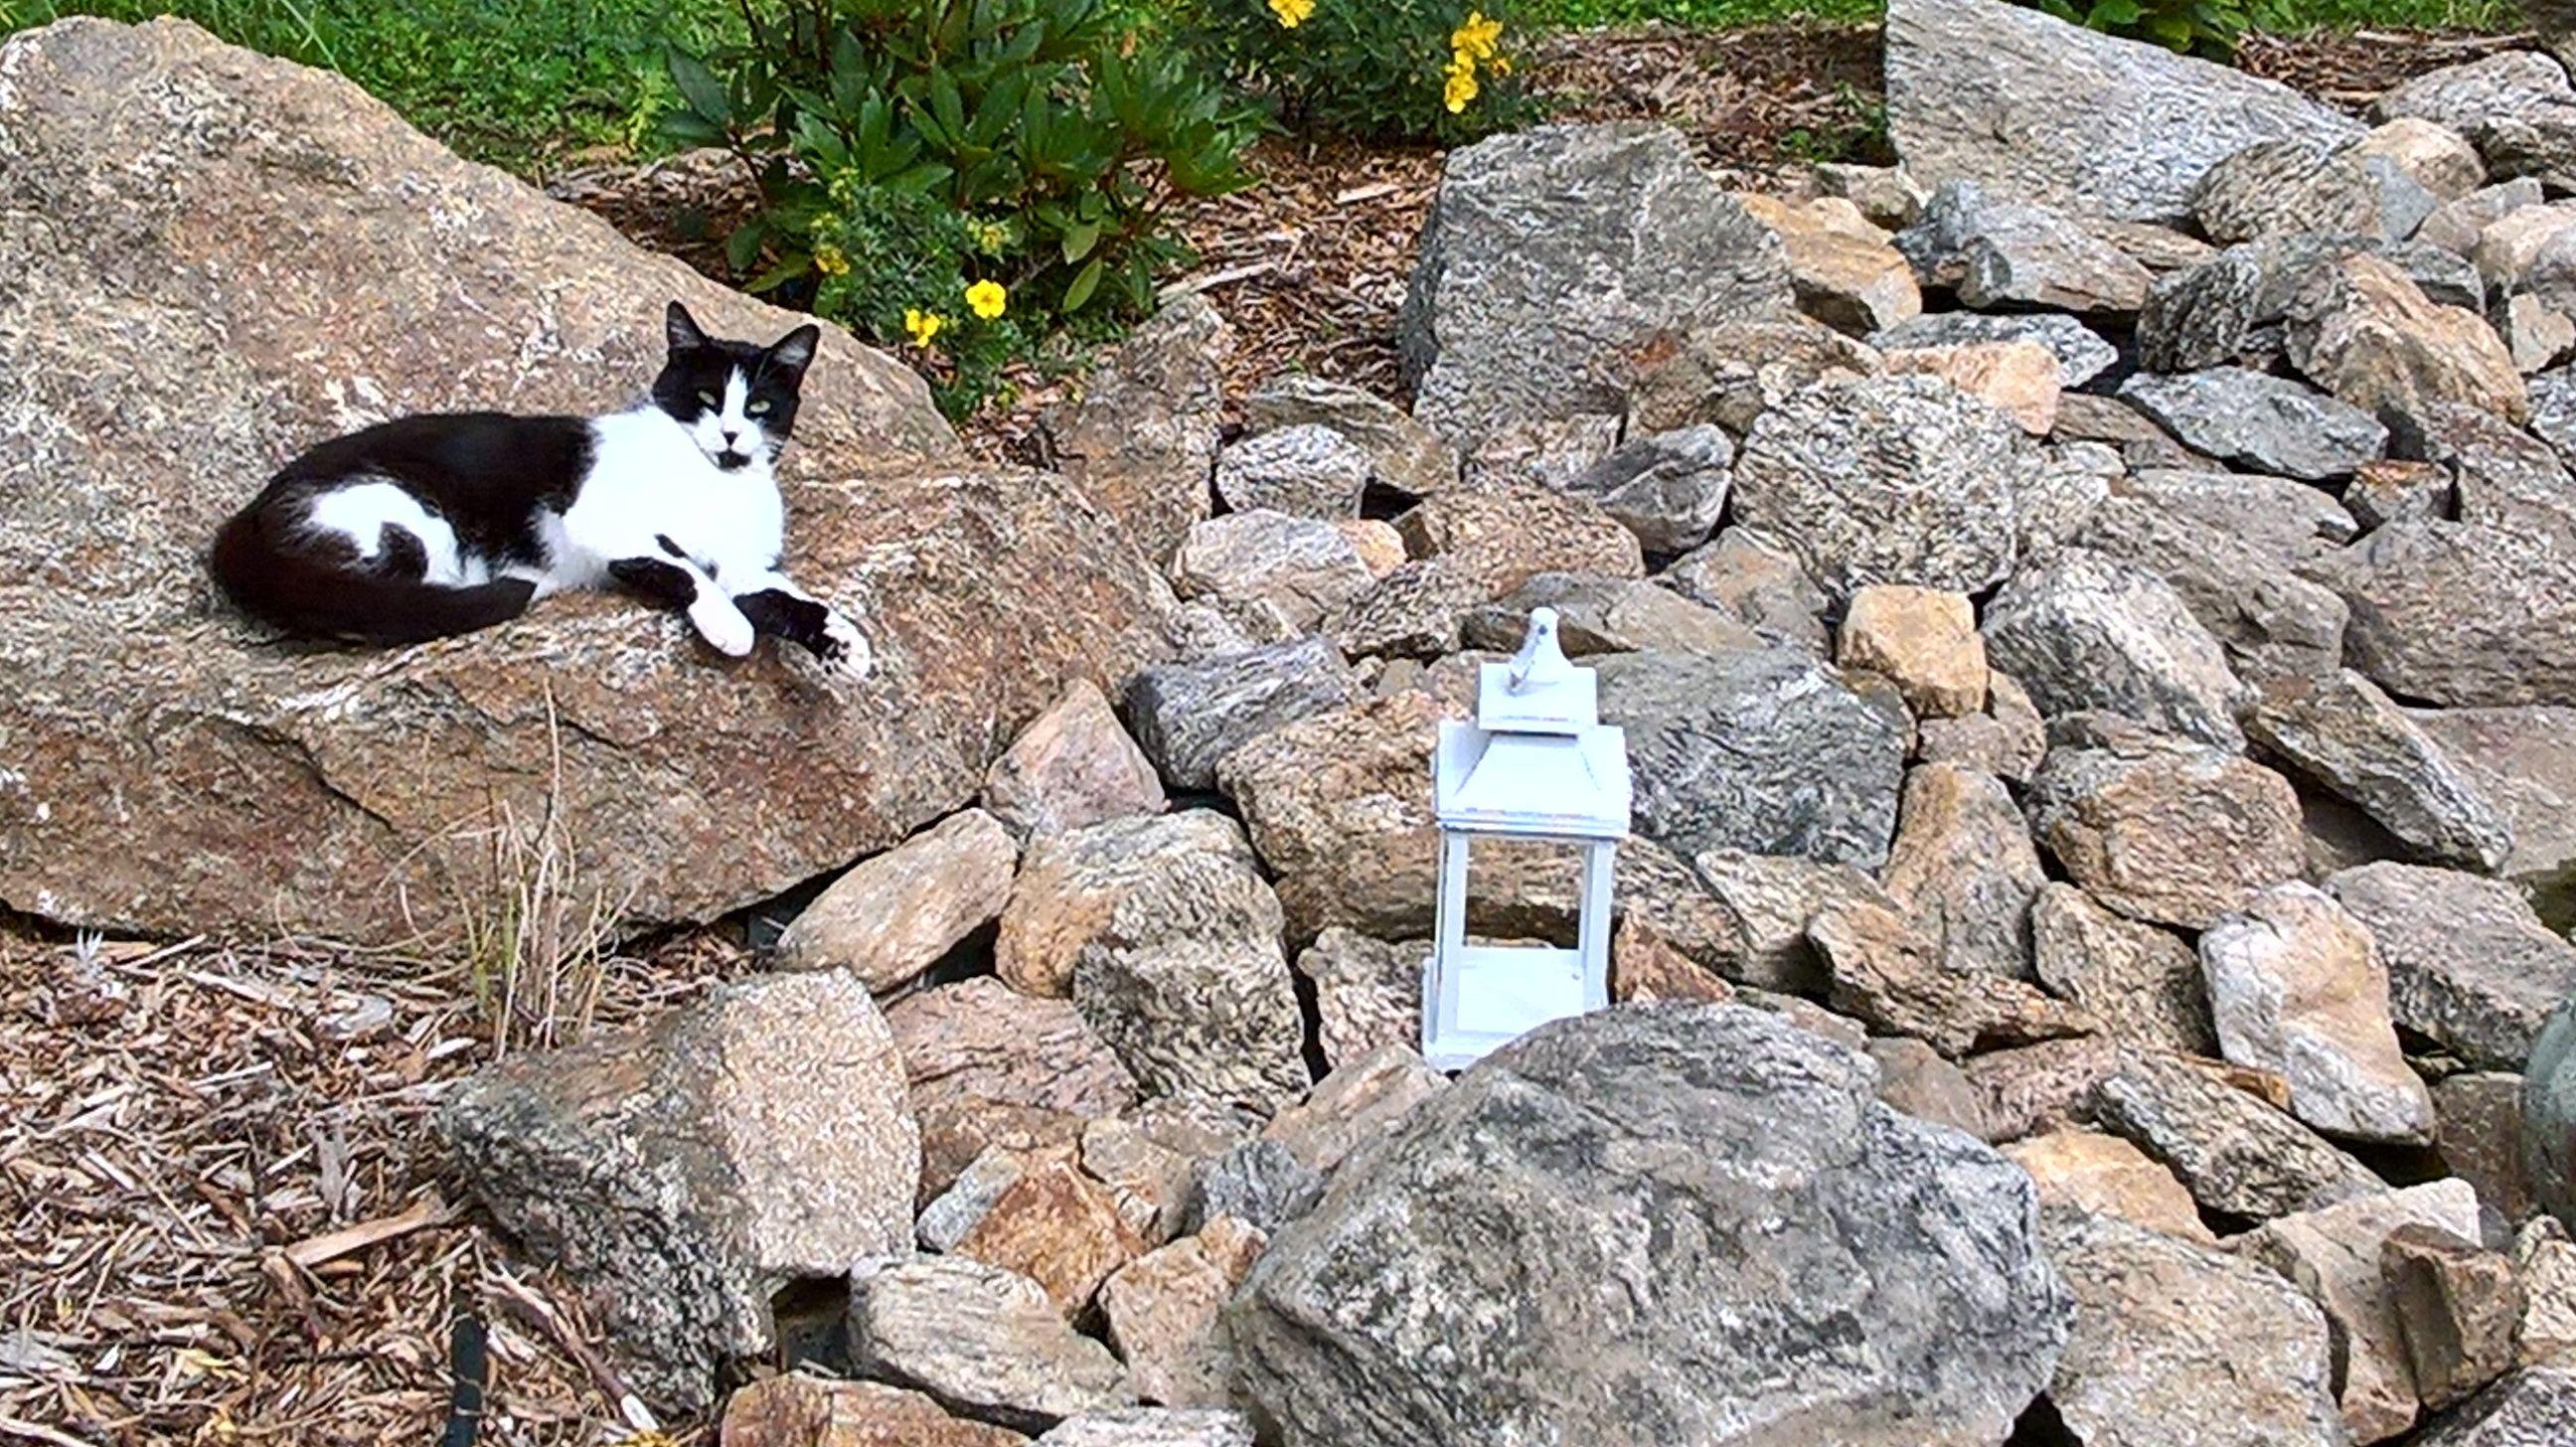 Félicie se chauffe sur un rocher du jardin